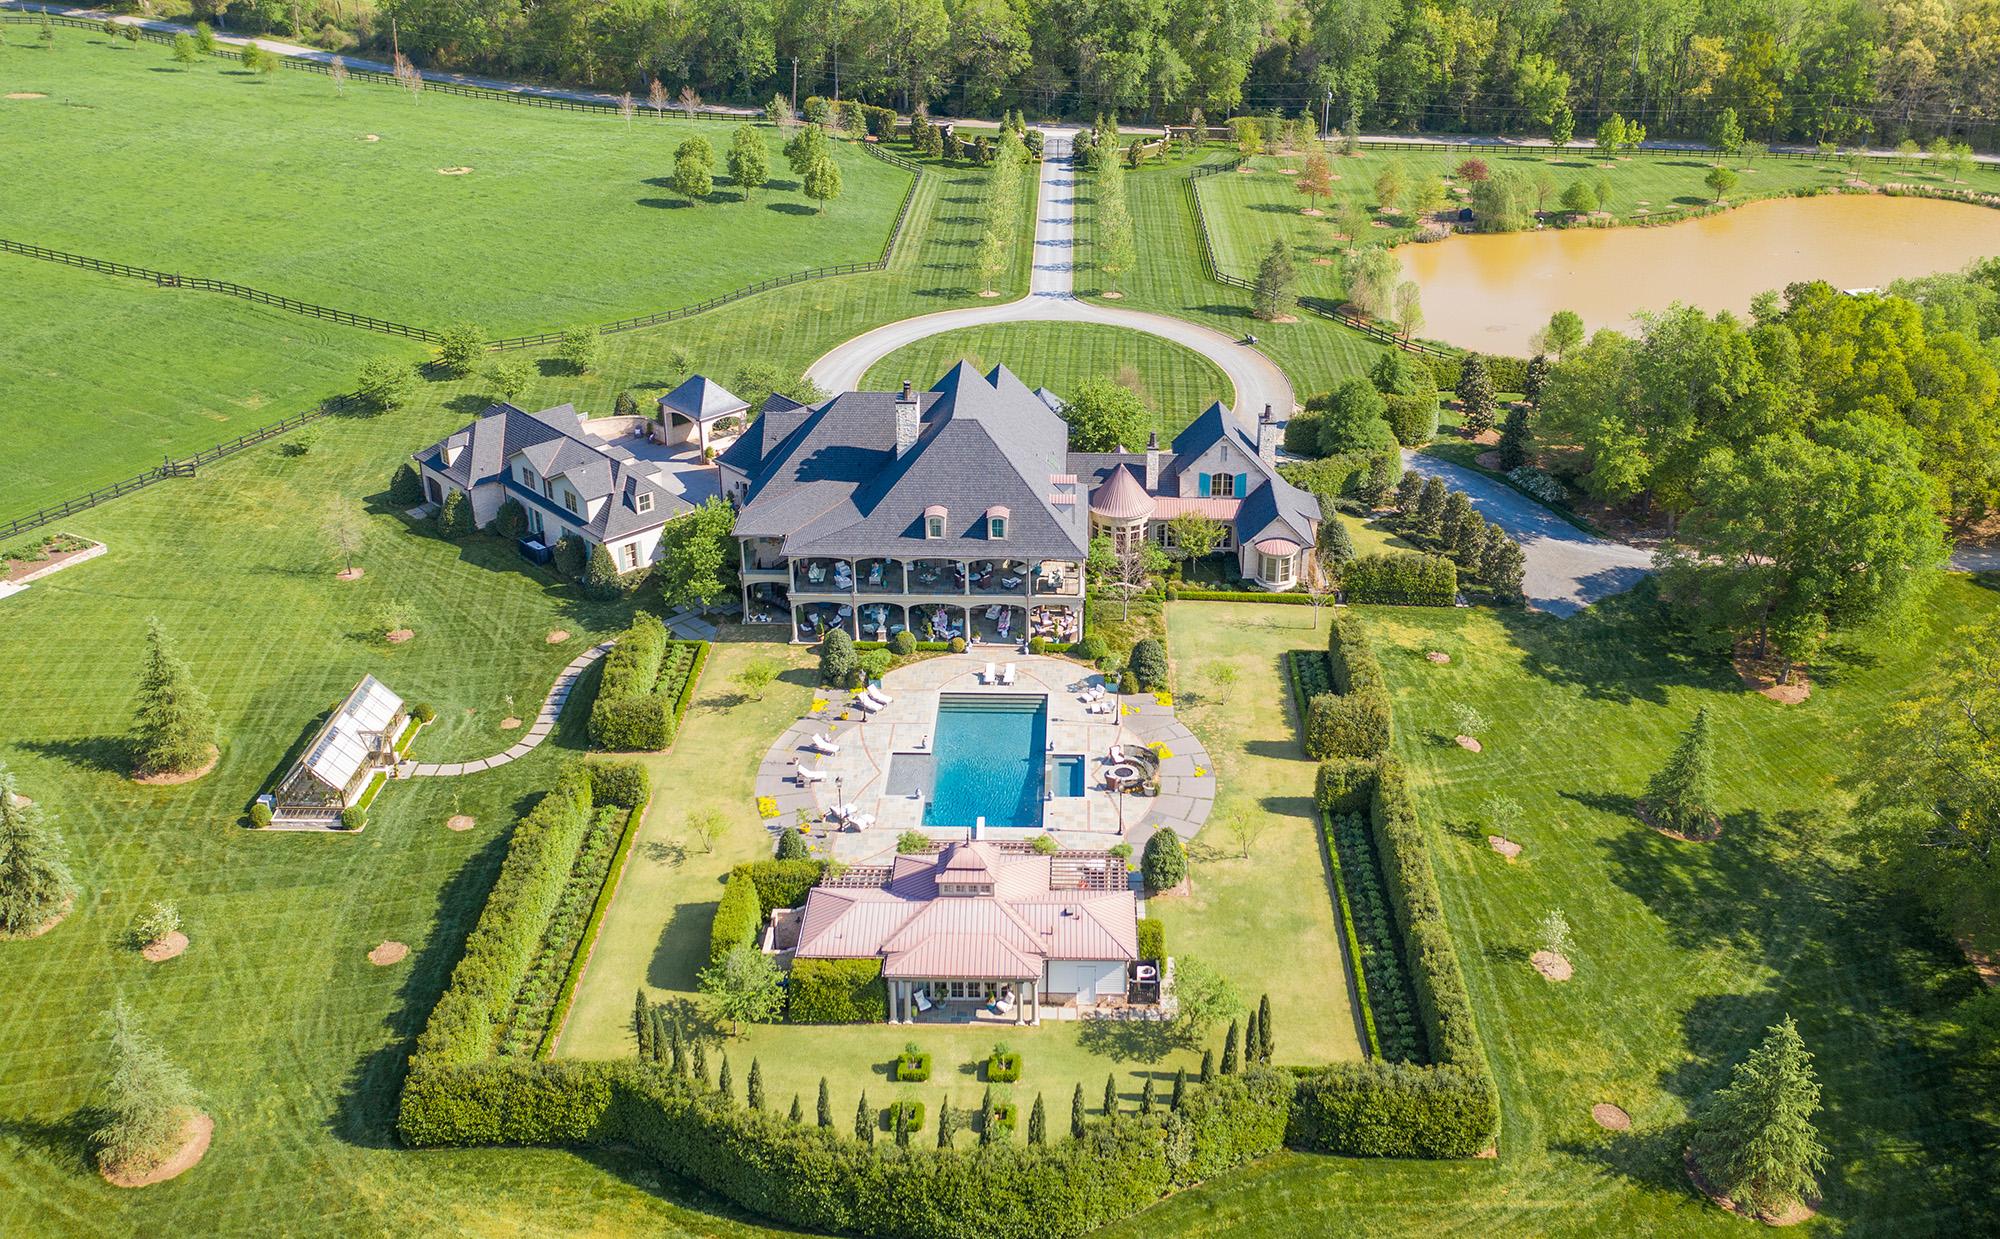 vue aérienne de la maison de luxe